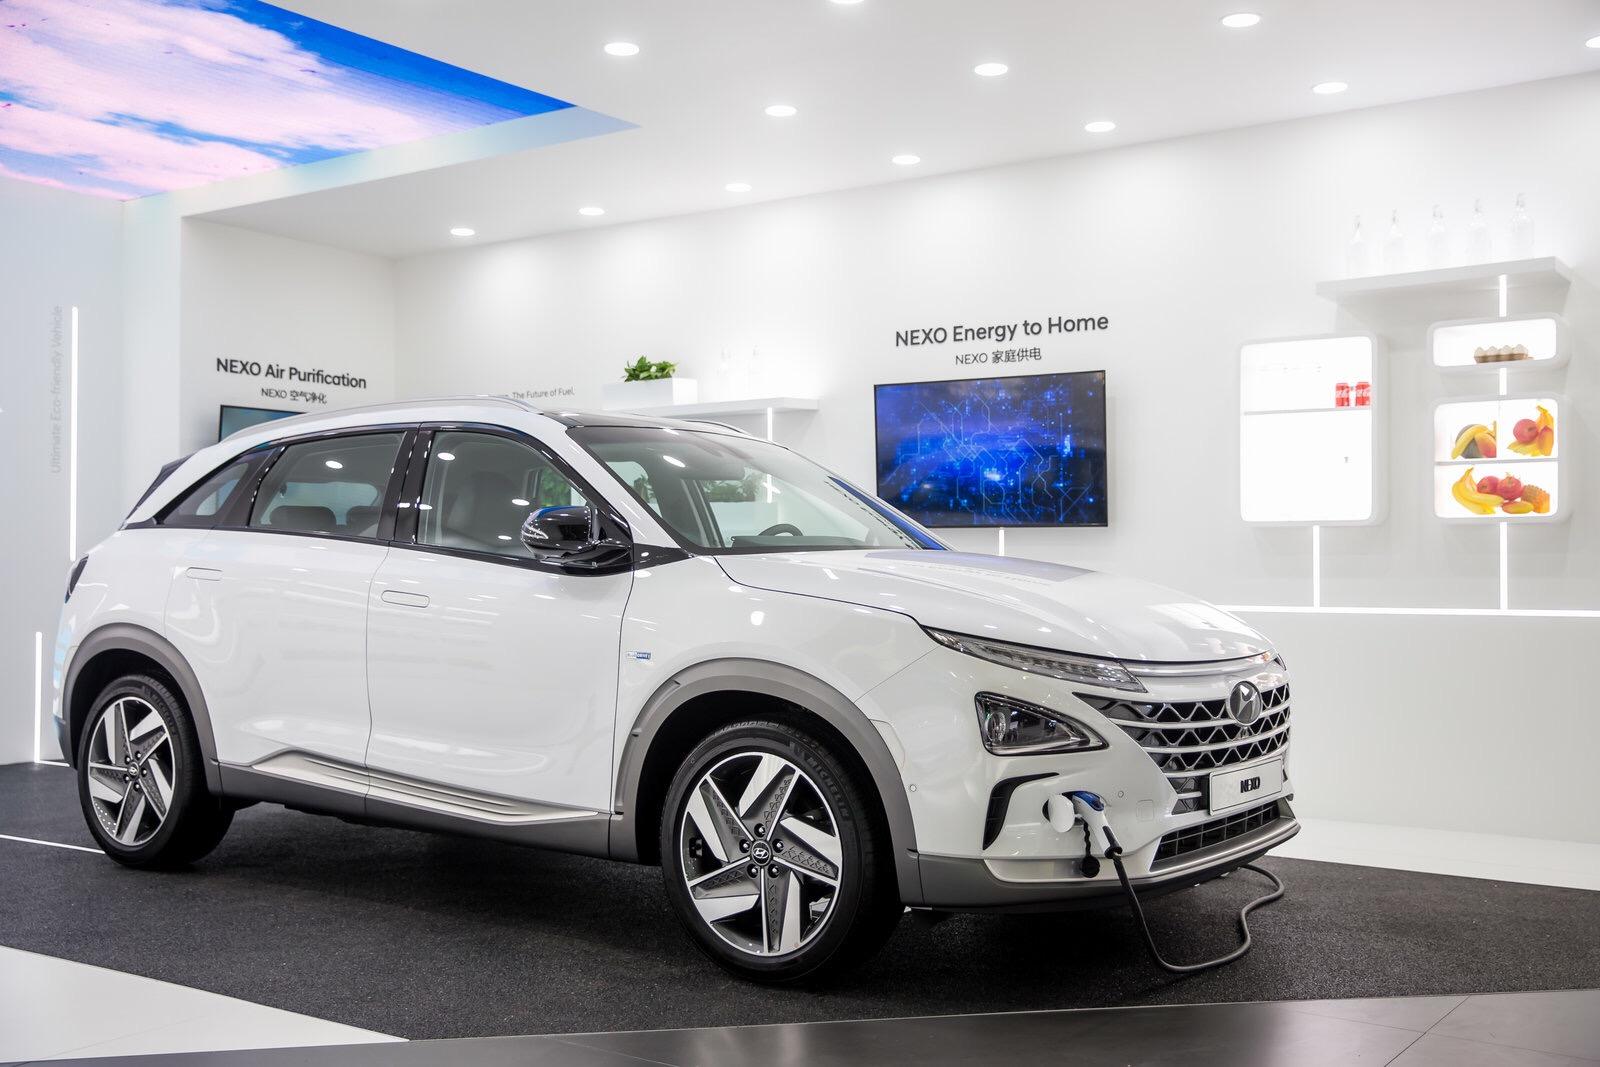 左手氢能、右手智能,现代汽车如何打造传统车企的创新样板?